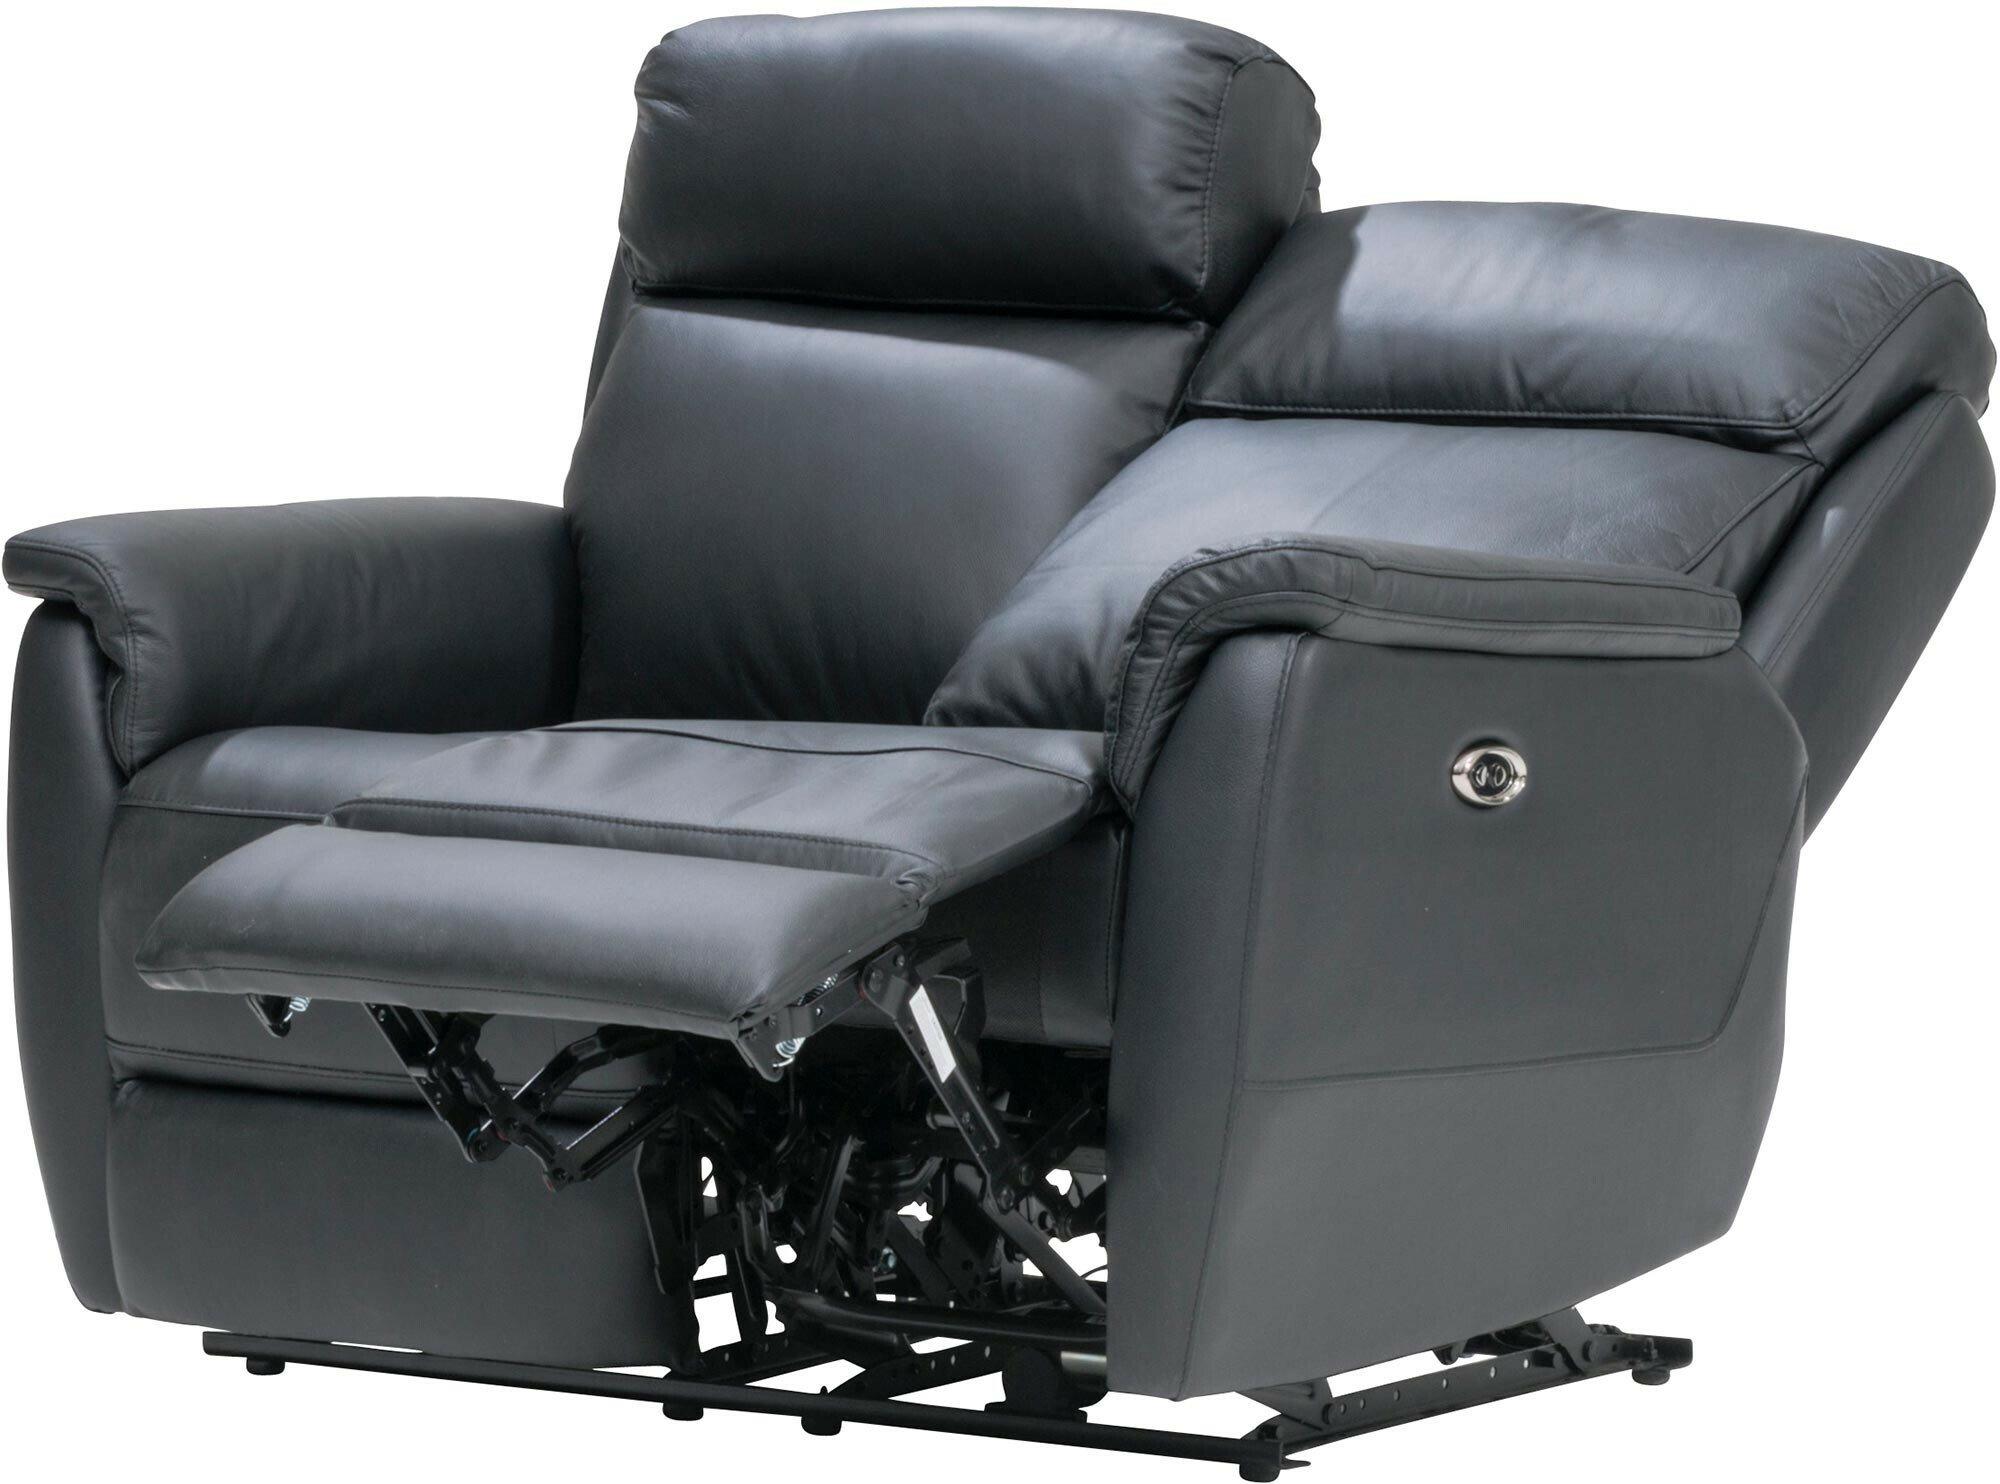 Colorado 2 istuttava sohva mekanismilla Sohvat ja